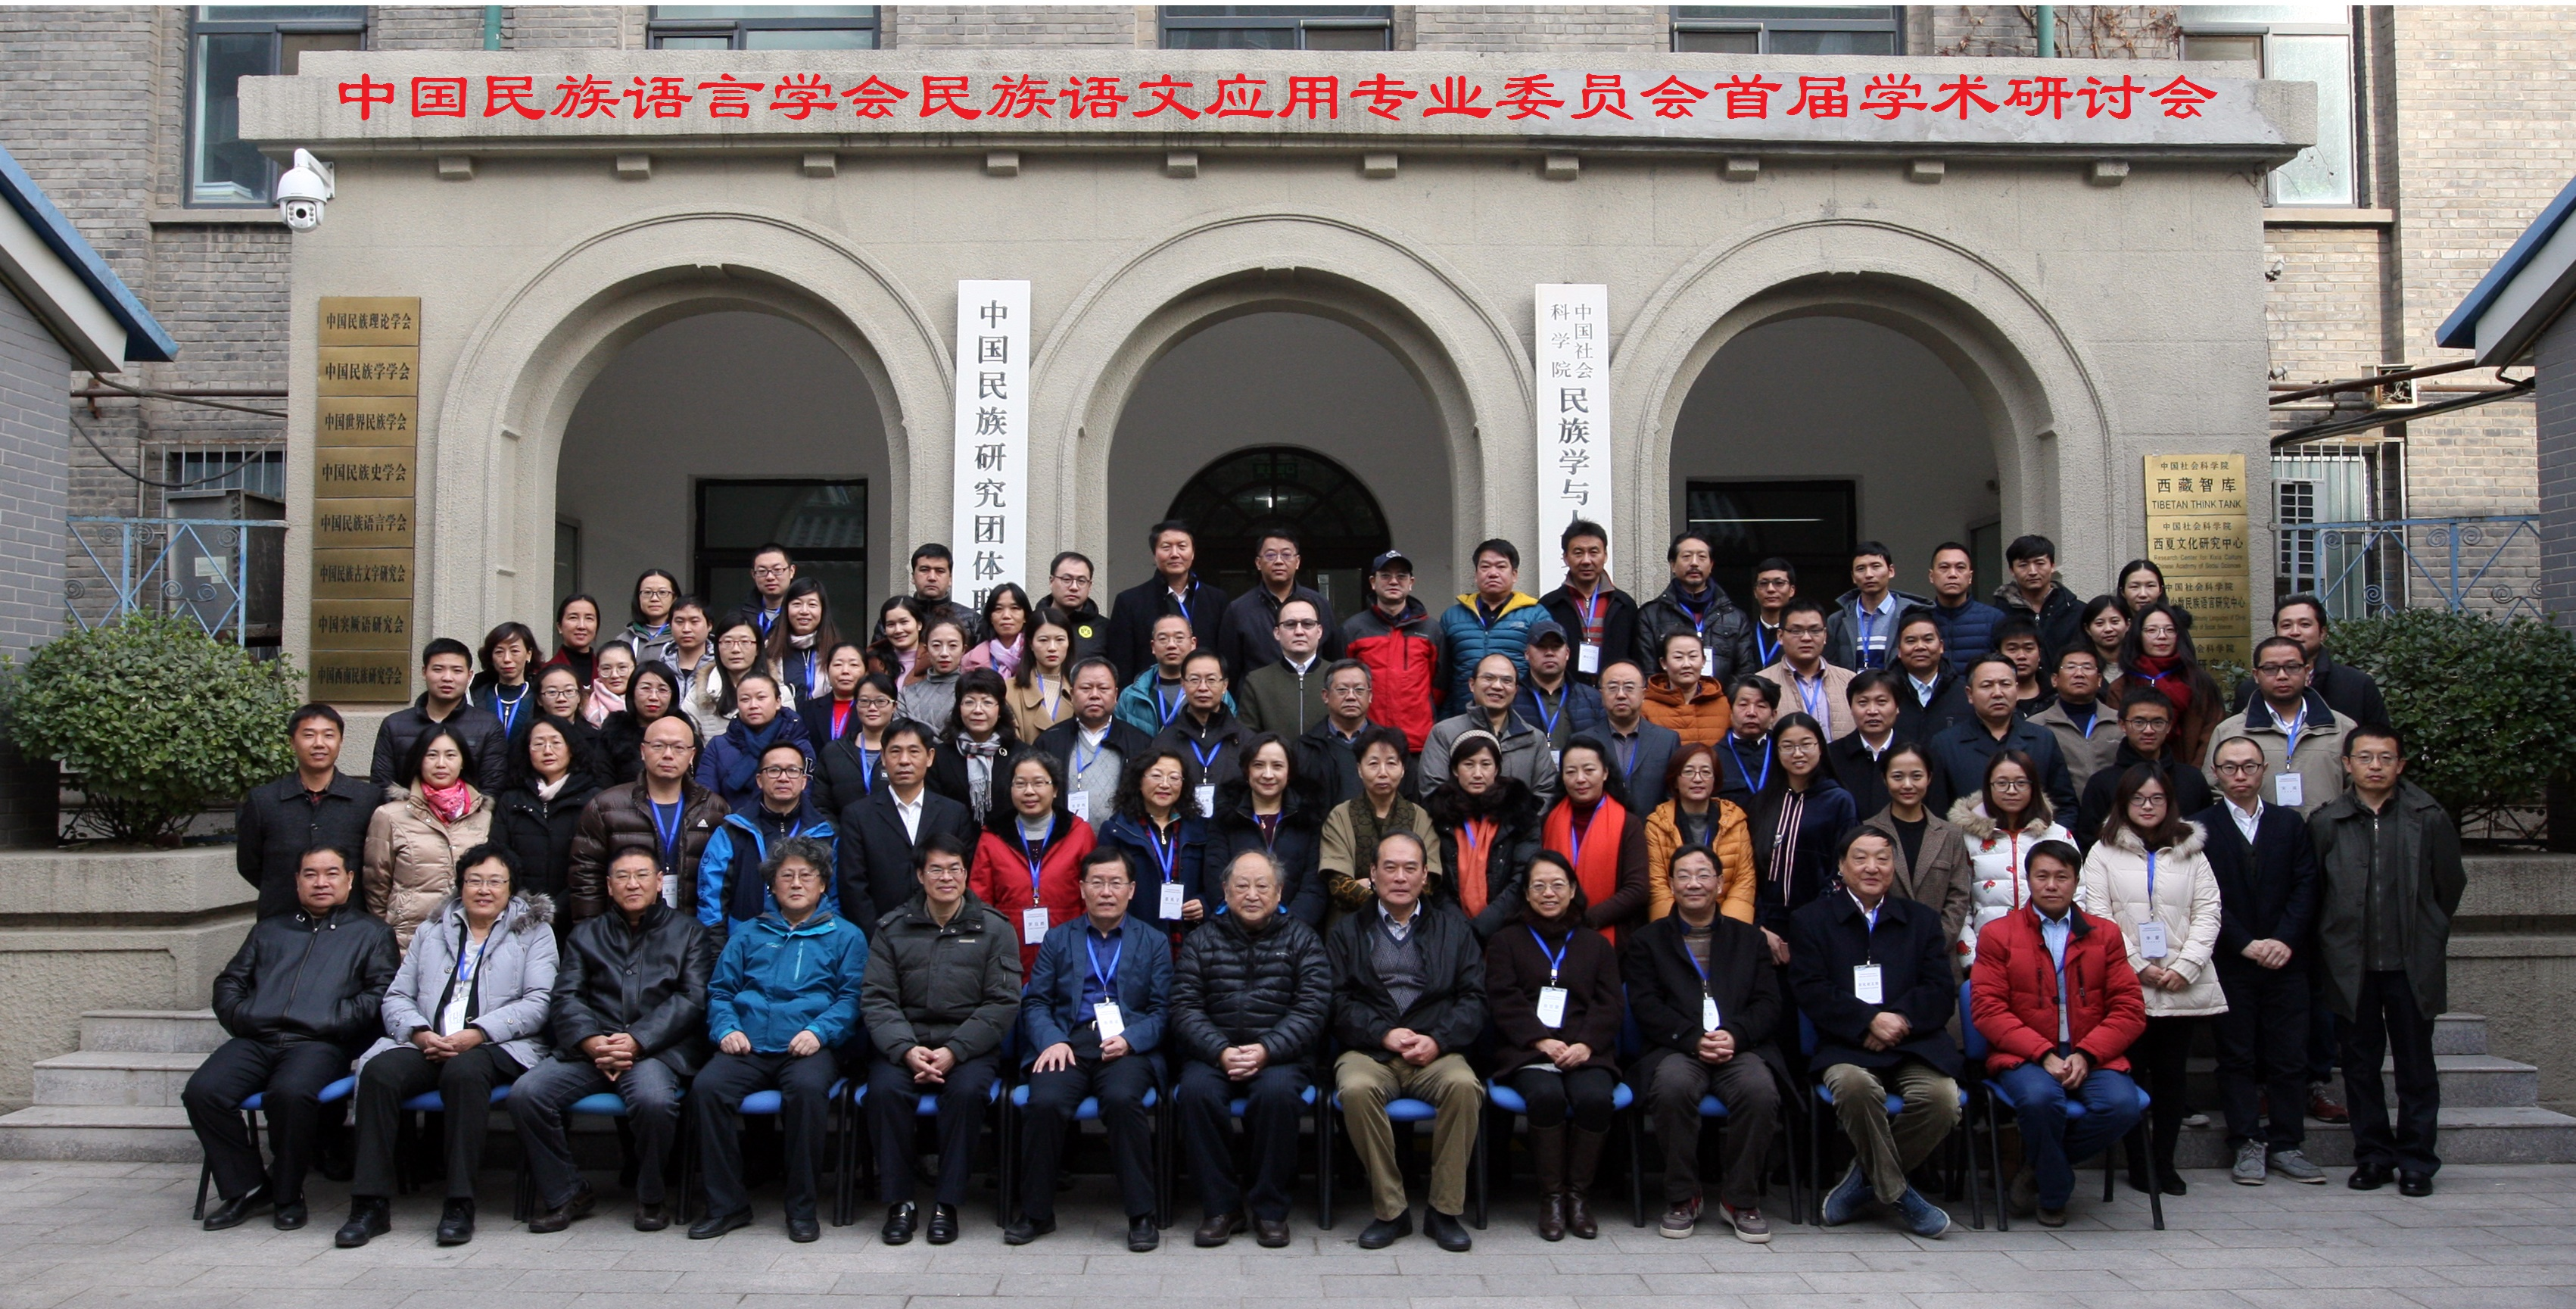 中国民族语言学会民族语文应用专业委员会召开首届学术研讨会